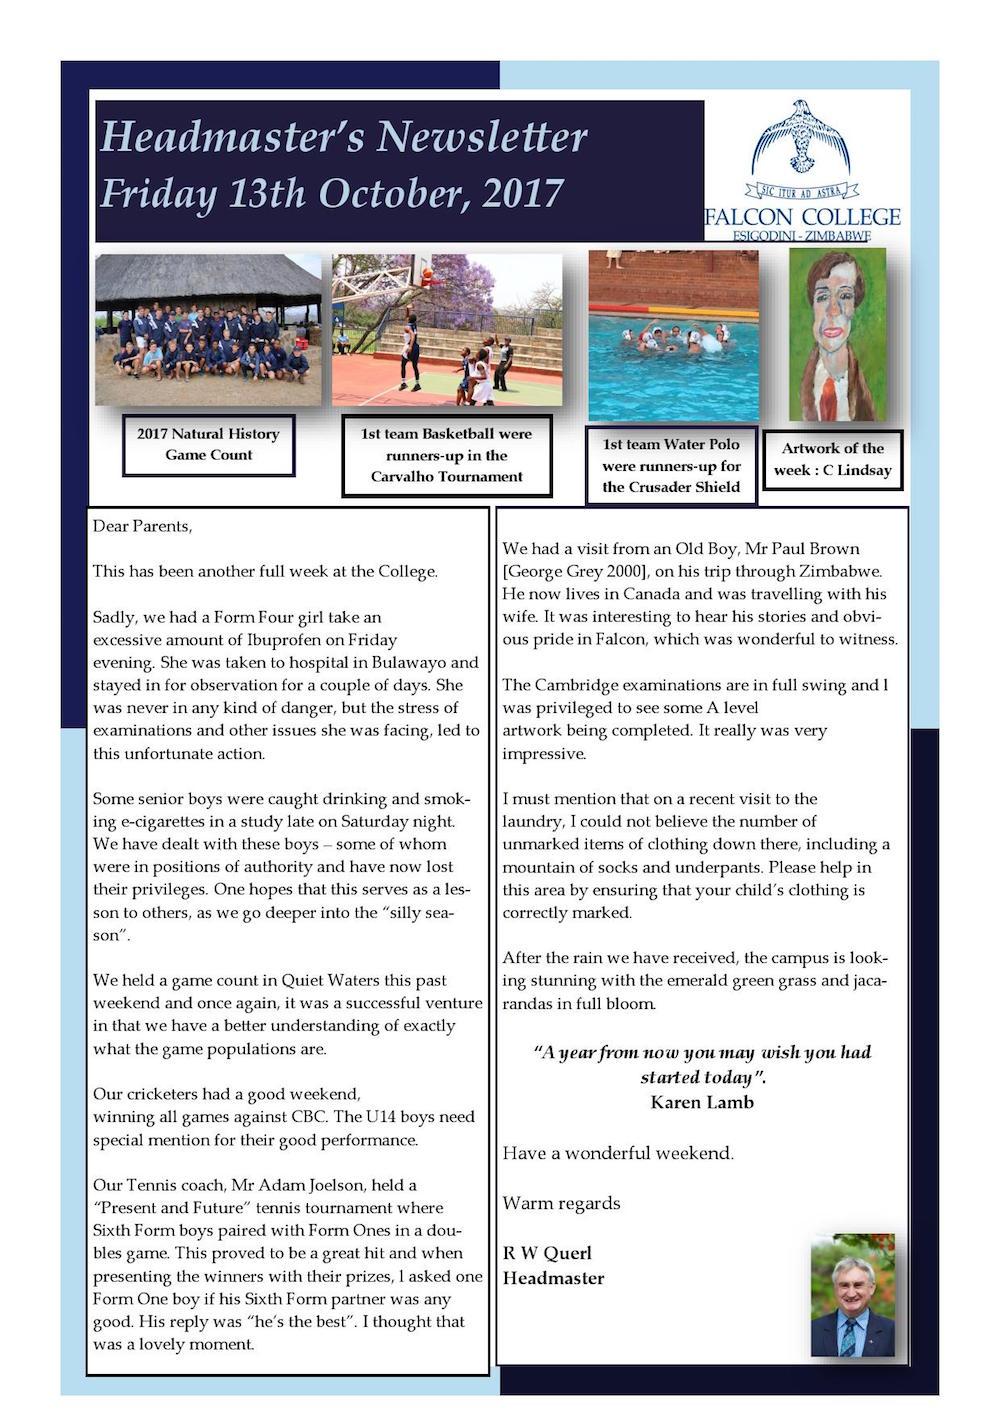 Headmaster's Newsletter - Friday 13th October 2017 | Falcon